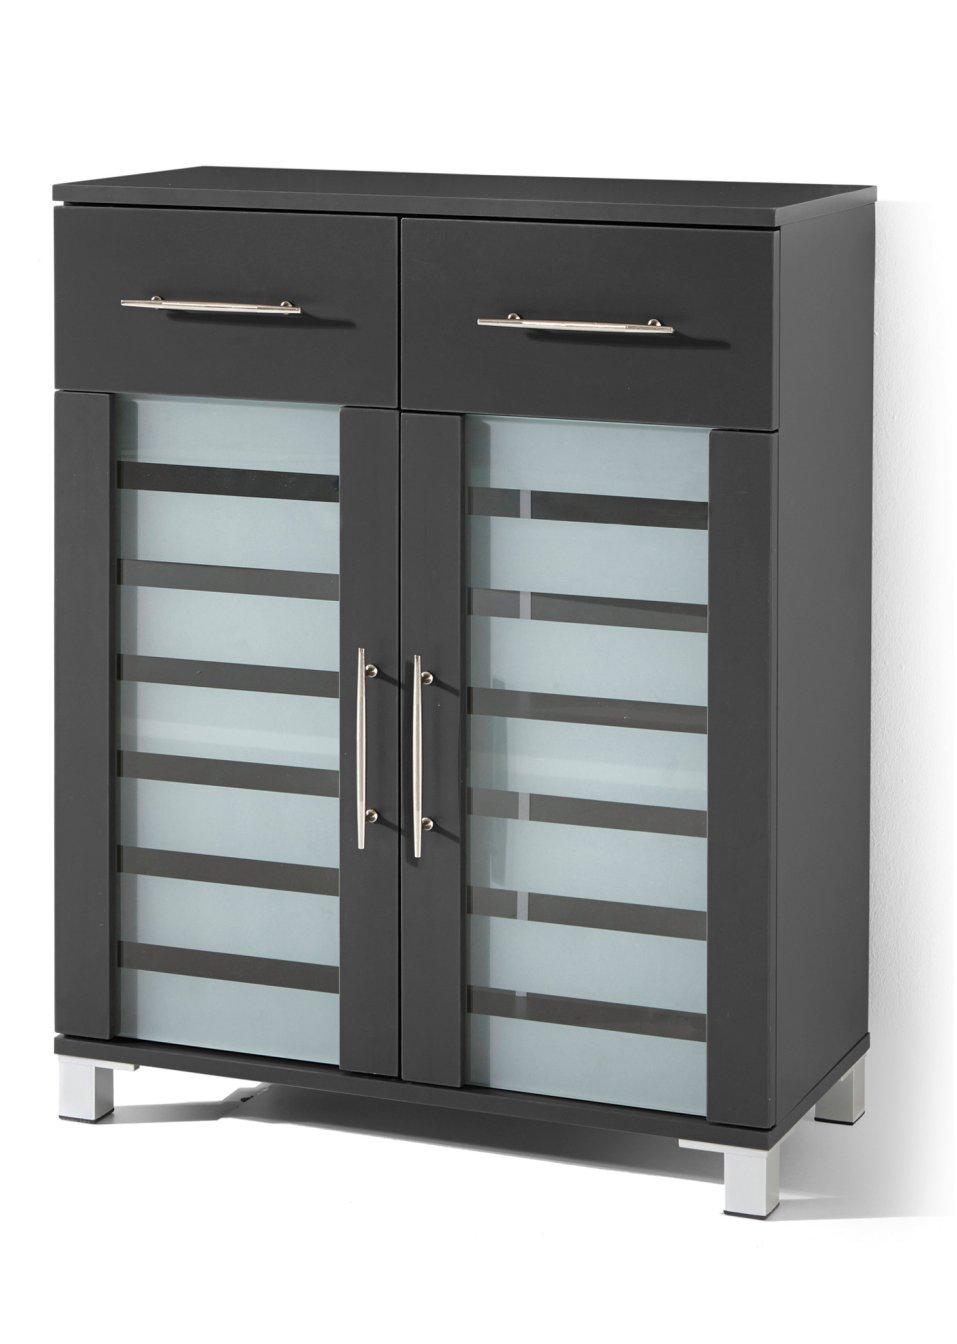 trendig und praktisch der 2 t rige badezimmer schrank mit 2 schubladen mauve mit 2 t ren. Black Bedroom Furniture Sets. Home Design Ideas